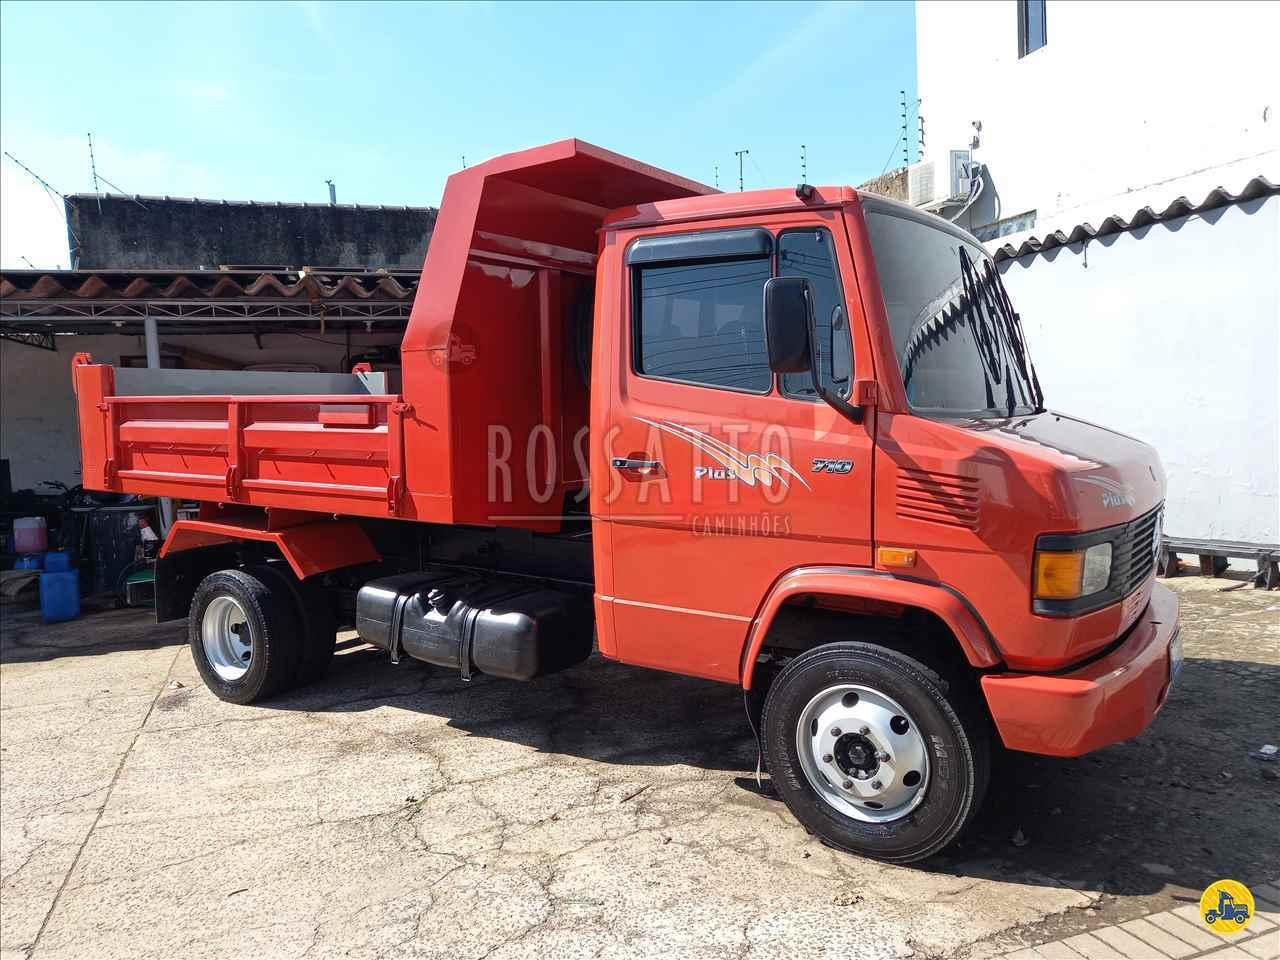 MB 710 de Rossatto Caminhões - PORTO ALEGRE/RS